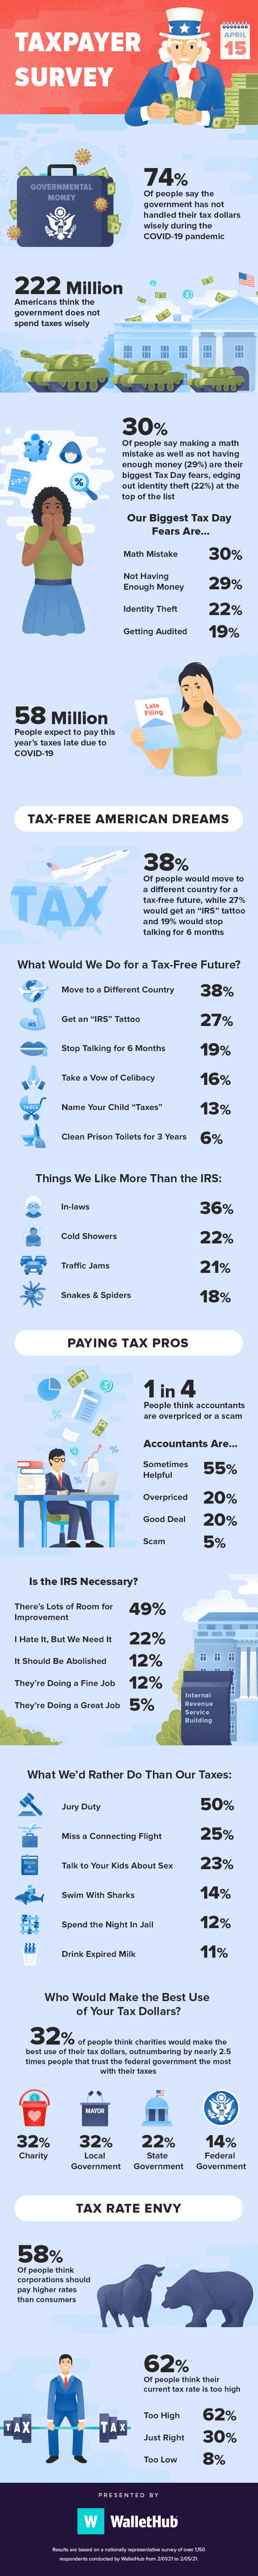 2021 taxpayer survey